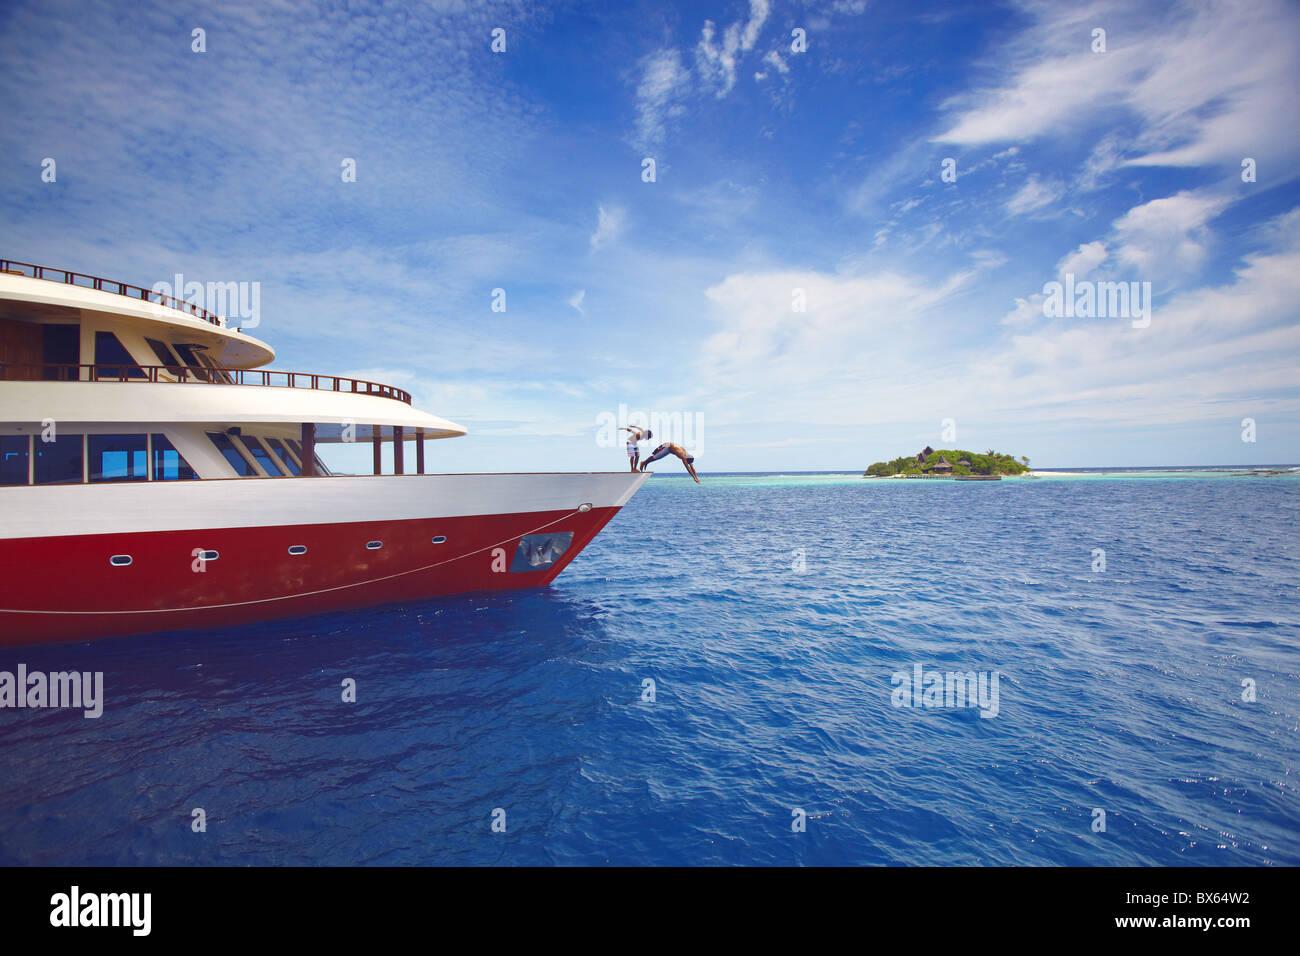 Giovani saltando da una barca in mare, Maldive, Oceano Indiano, Asia Immagini Stock